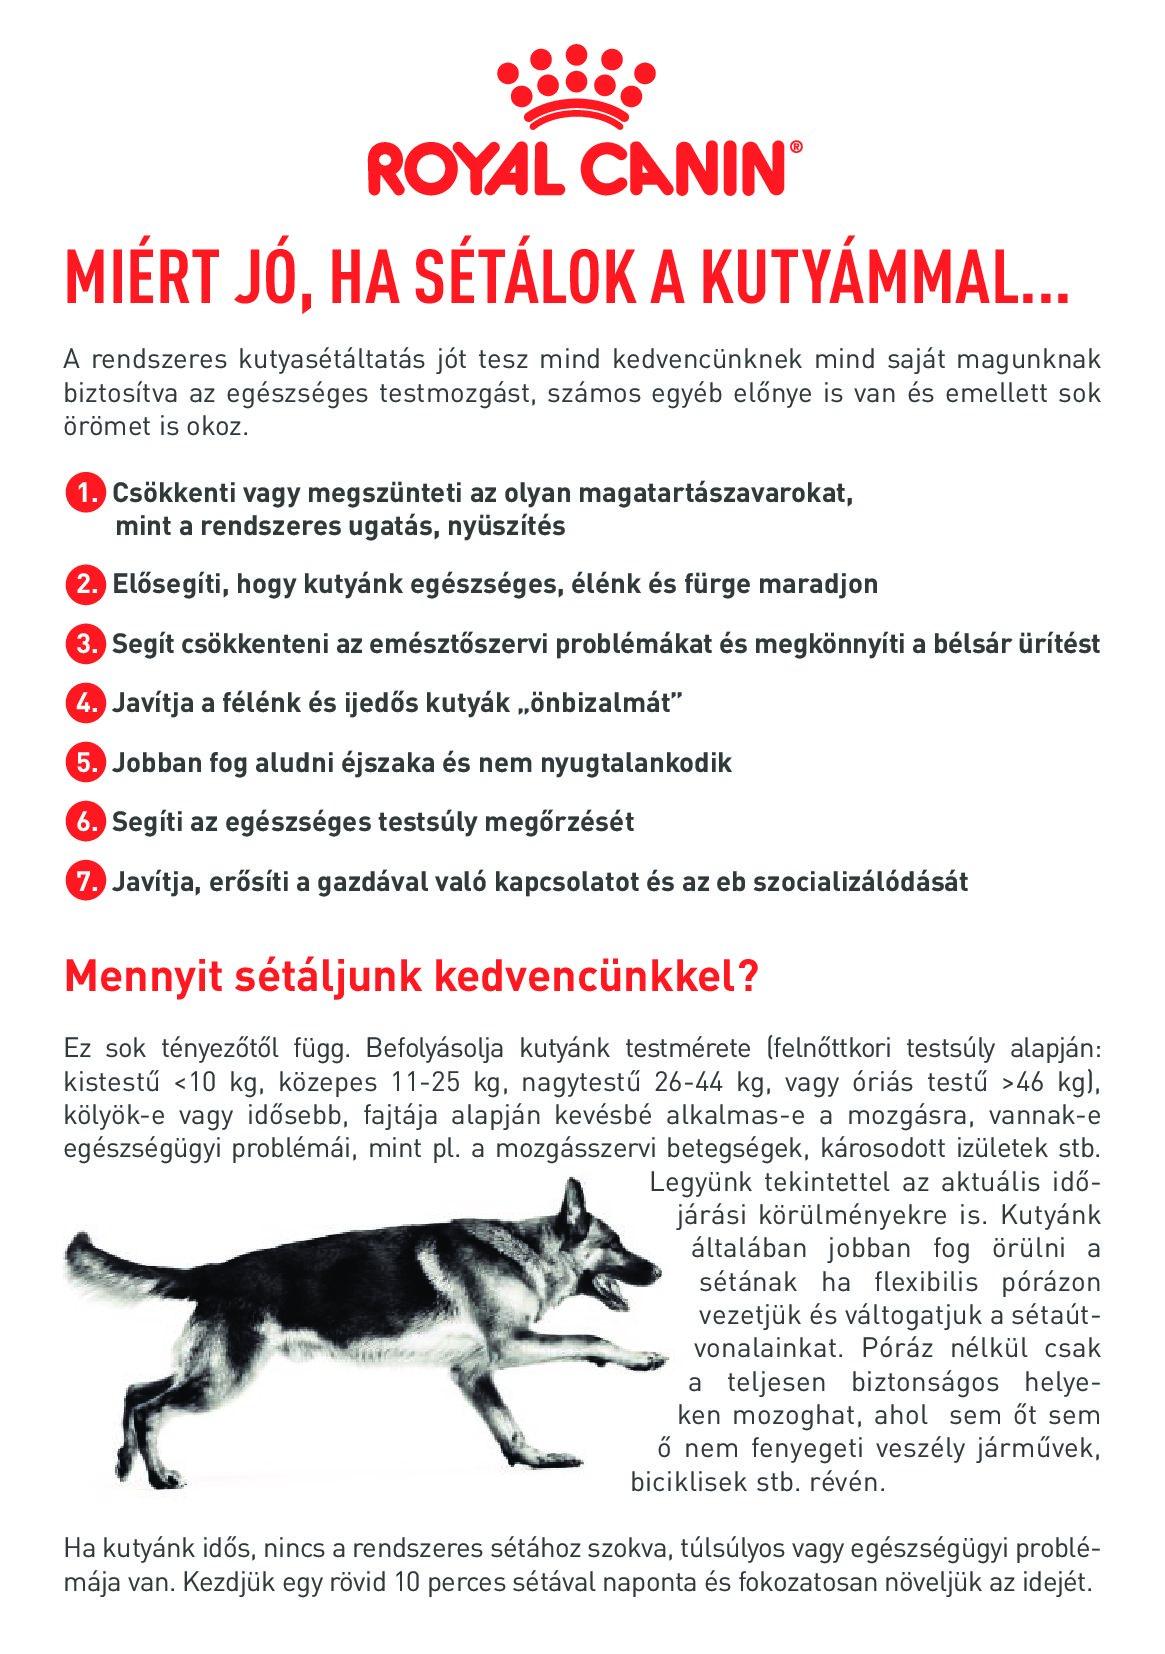 kutyas_t_ltat_si_aj_nl_sok_000.jpg